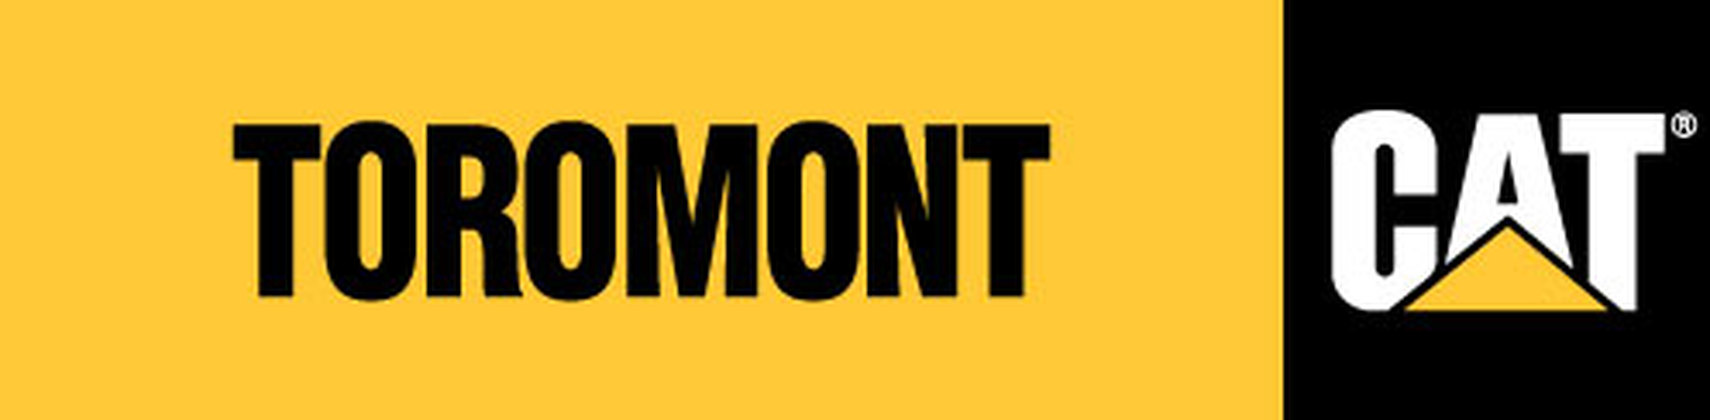 Toromont Cat